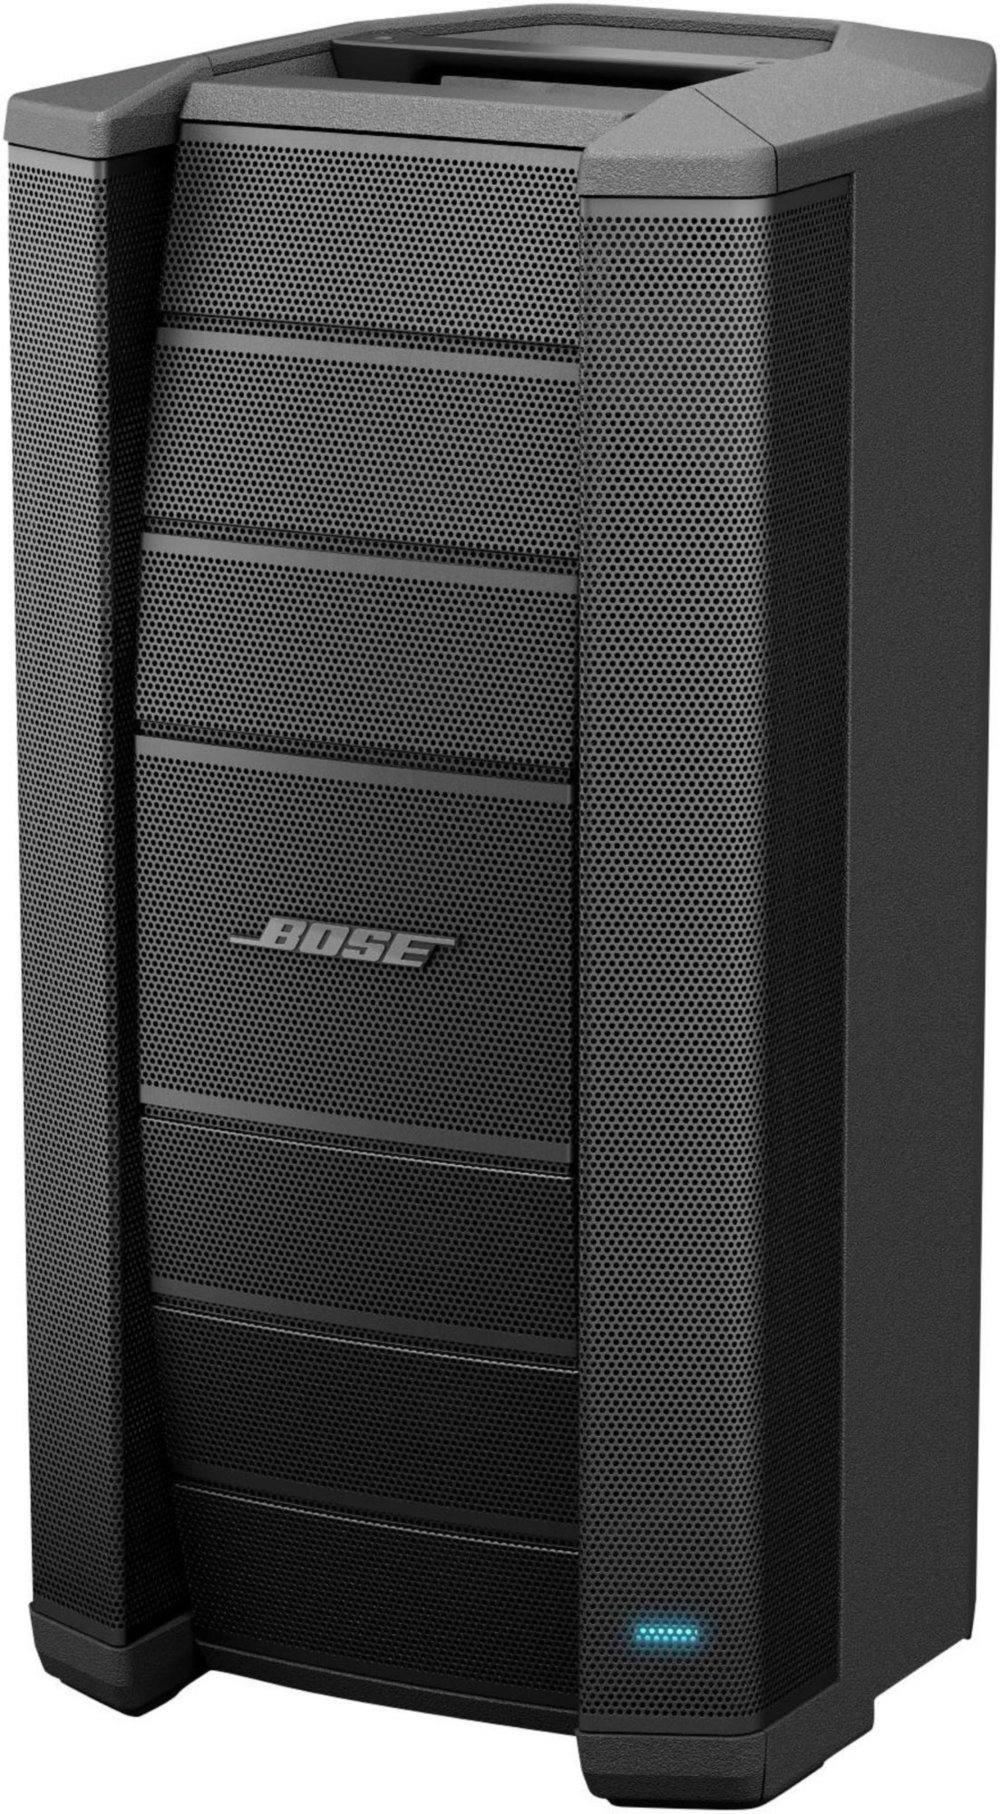 Bose F1 Model 812 Flexible Array Loudspeaker by Bose